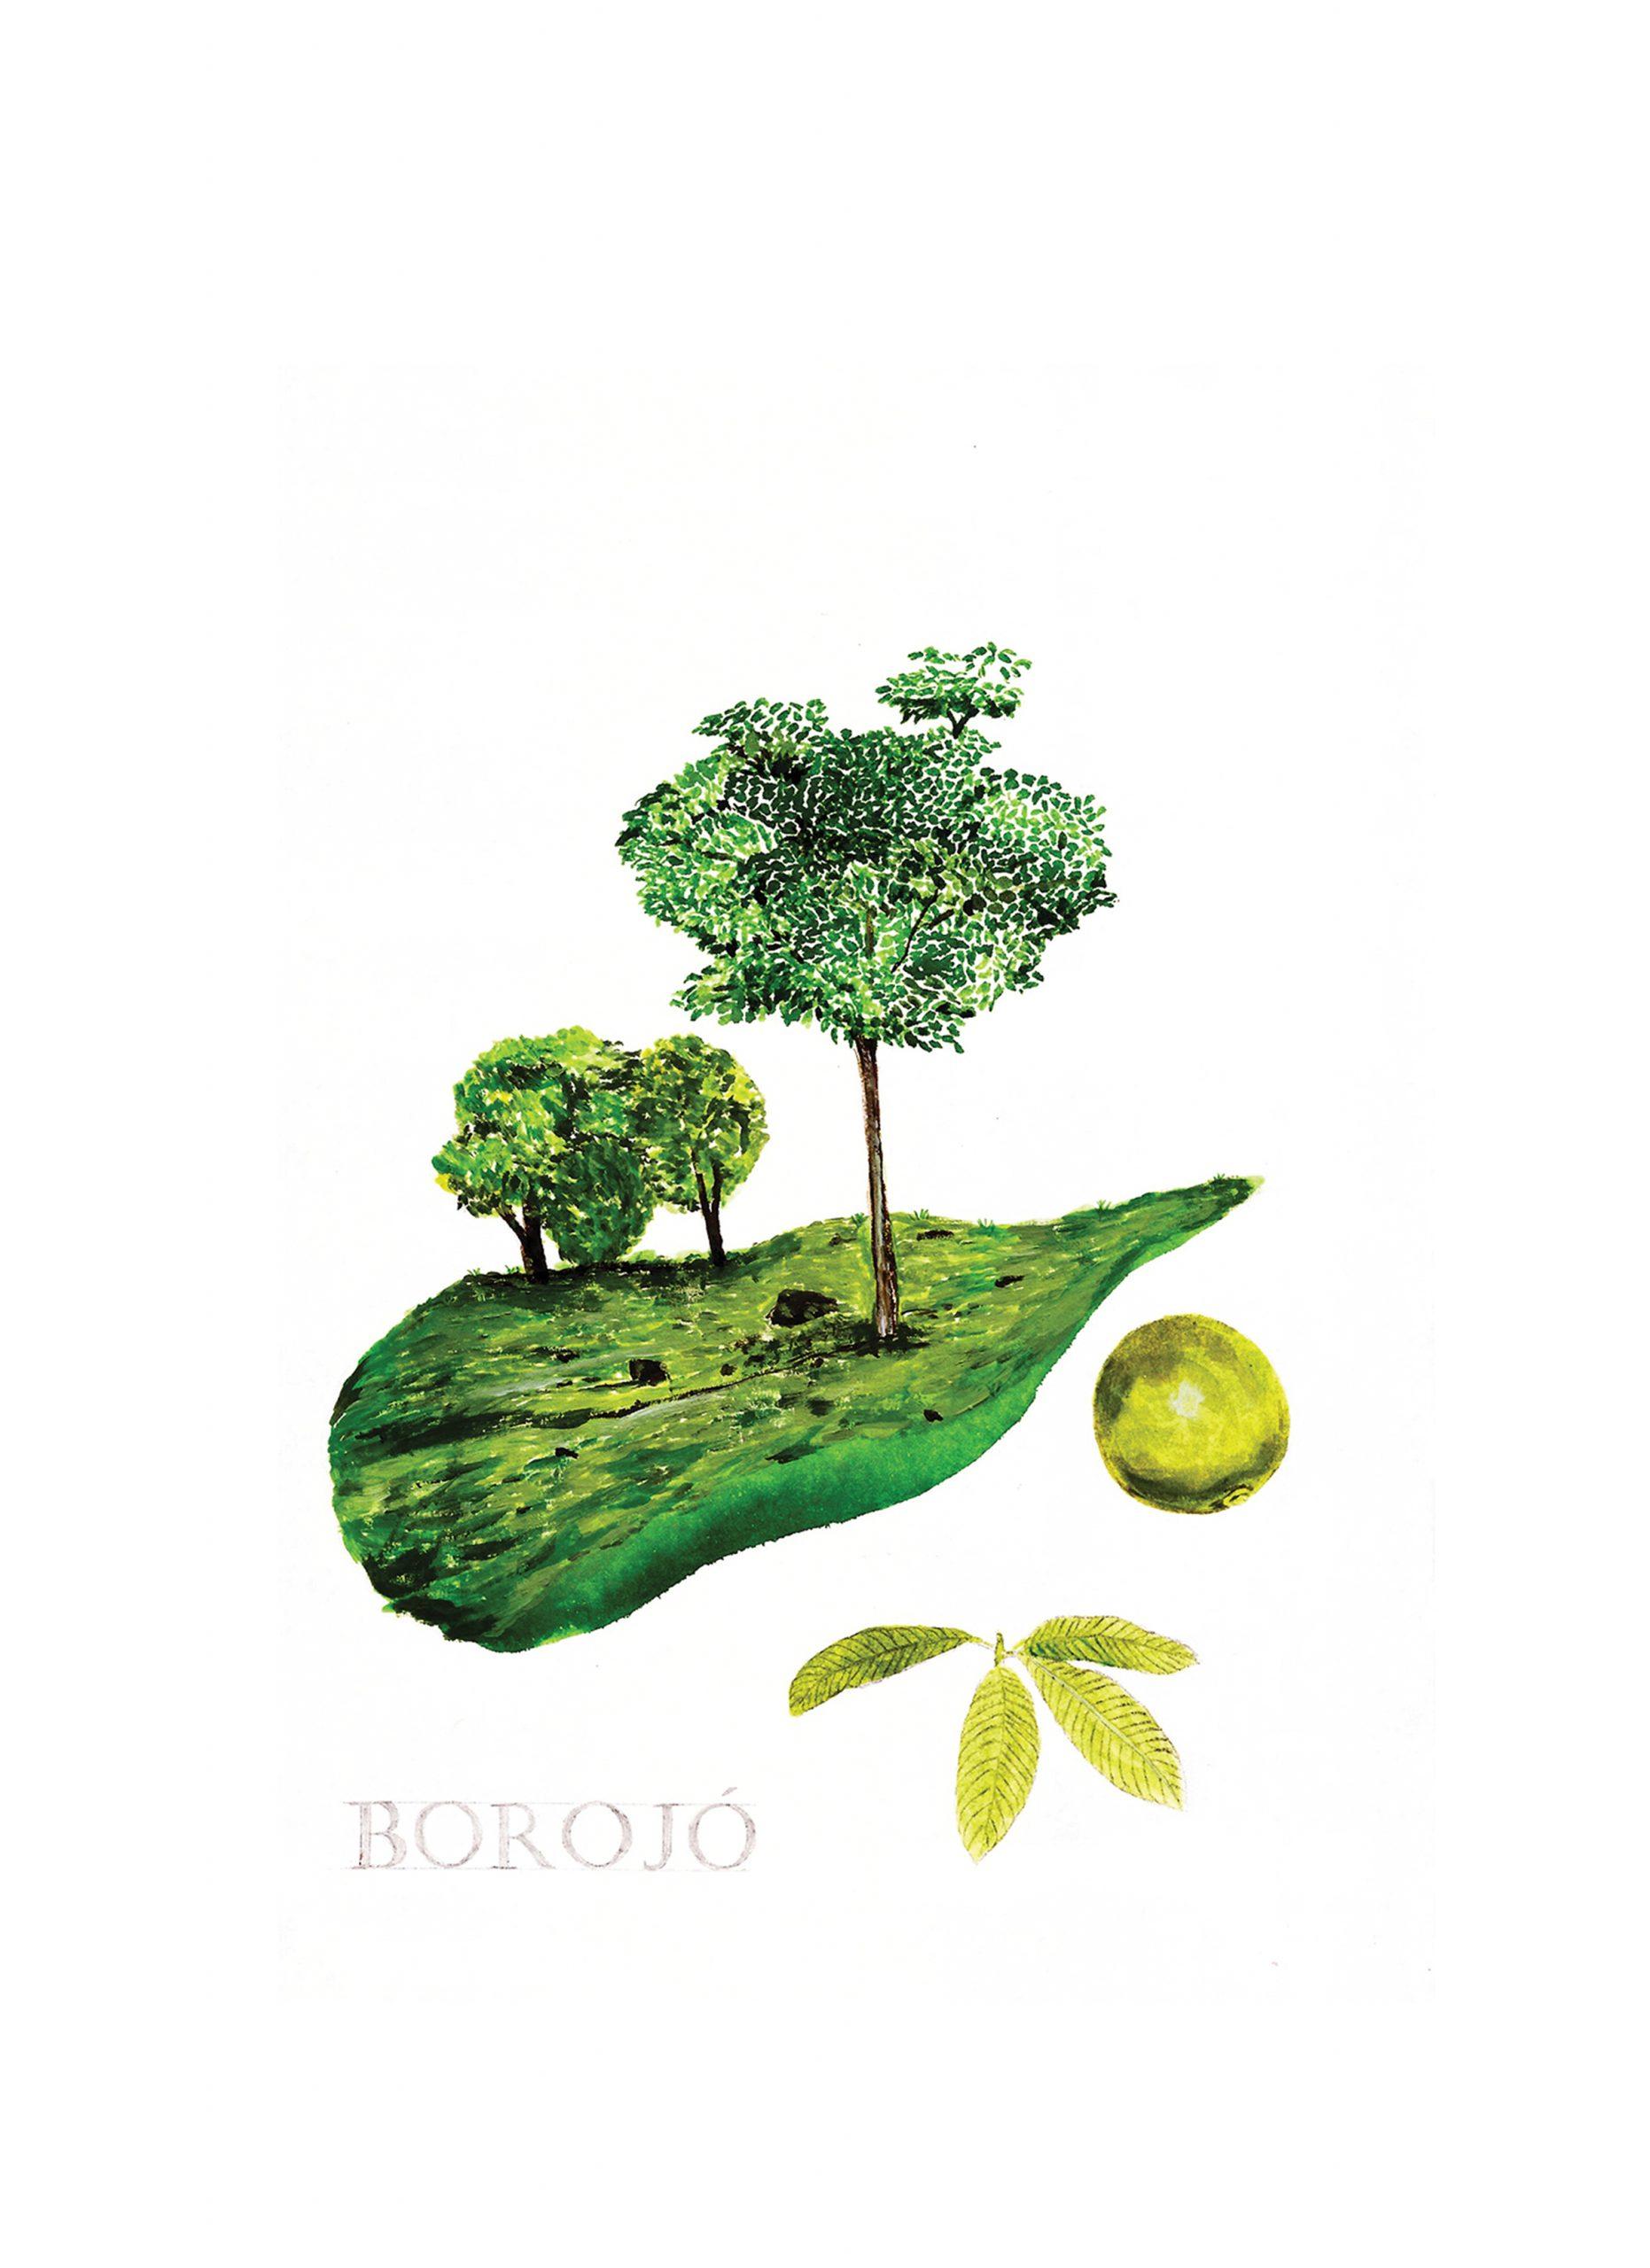 Borojó - Técnica mixta (acrílico sobre papel)